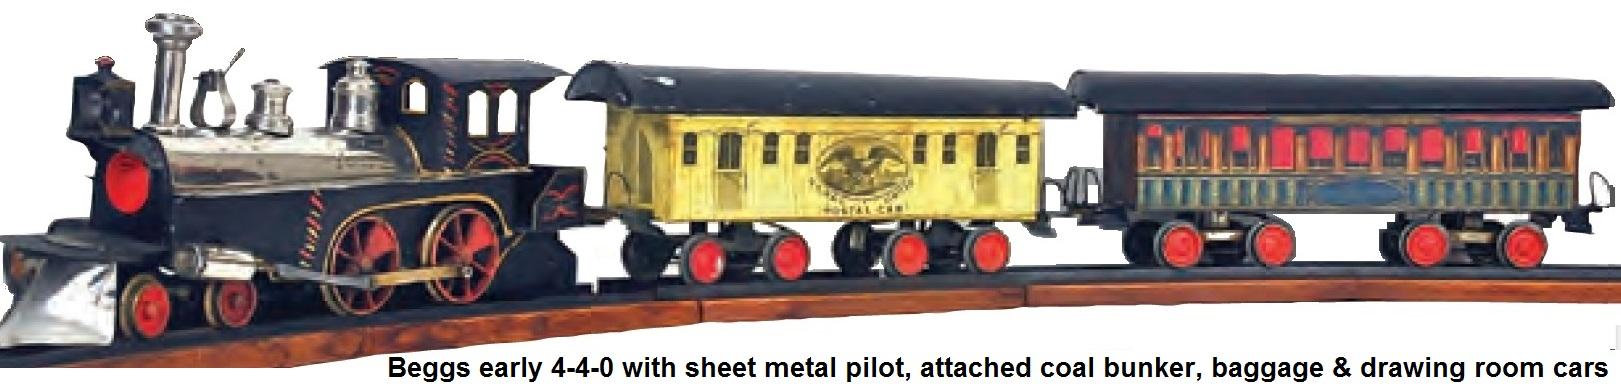 Beggs Trains